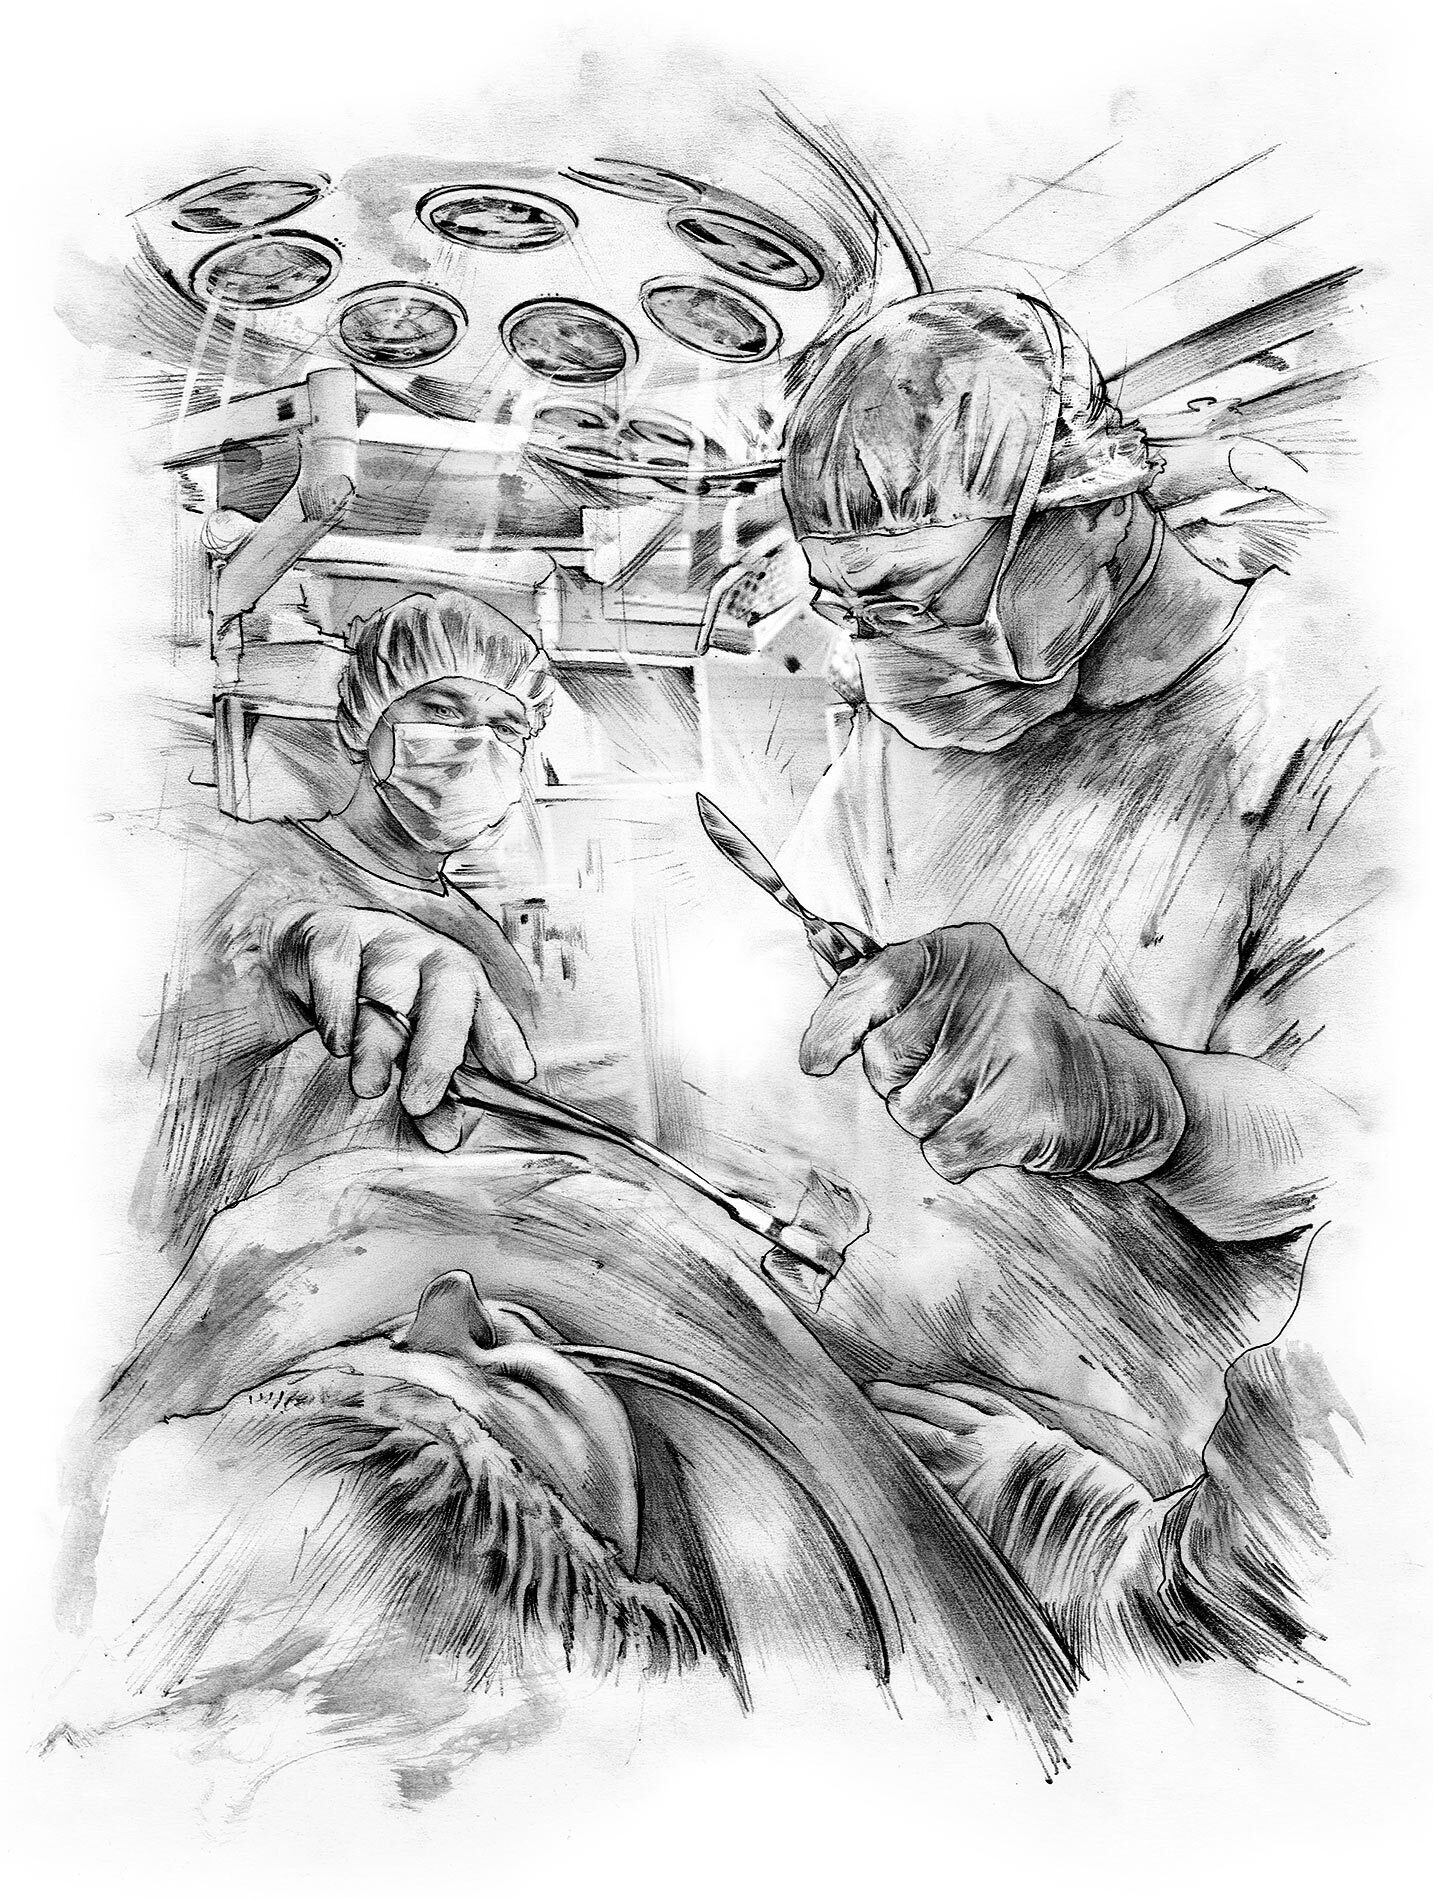 Operation illustration skizze skalpell - Kornel Illustration | Kornel Stadler portfolio